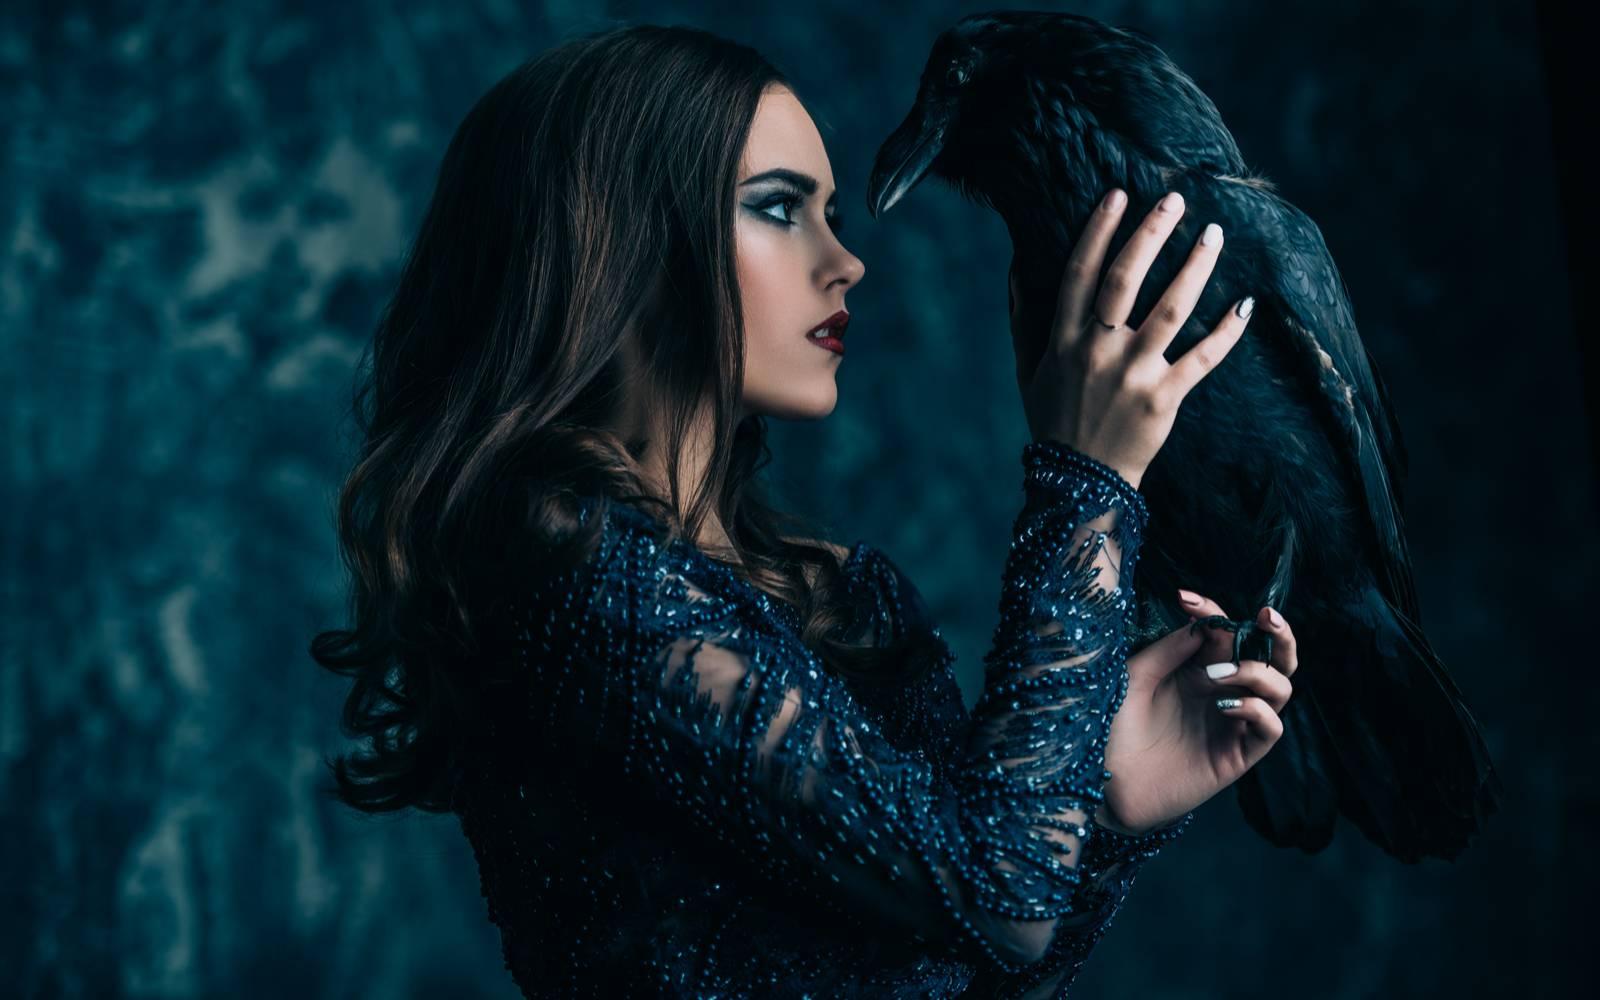 Jsou sny o čarodějnictví opravdu zlým znamením?